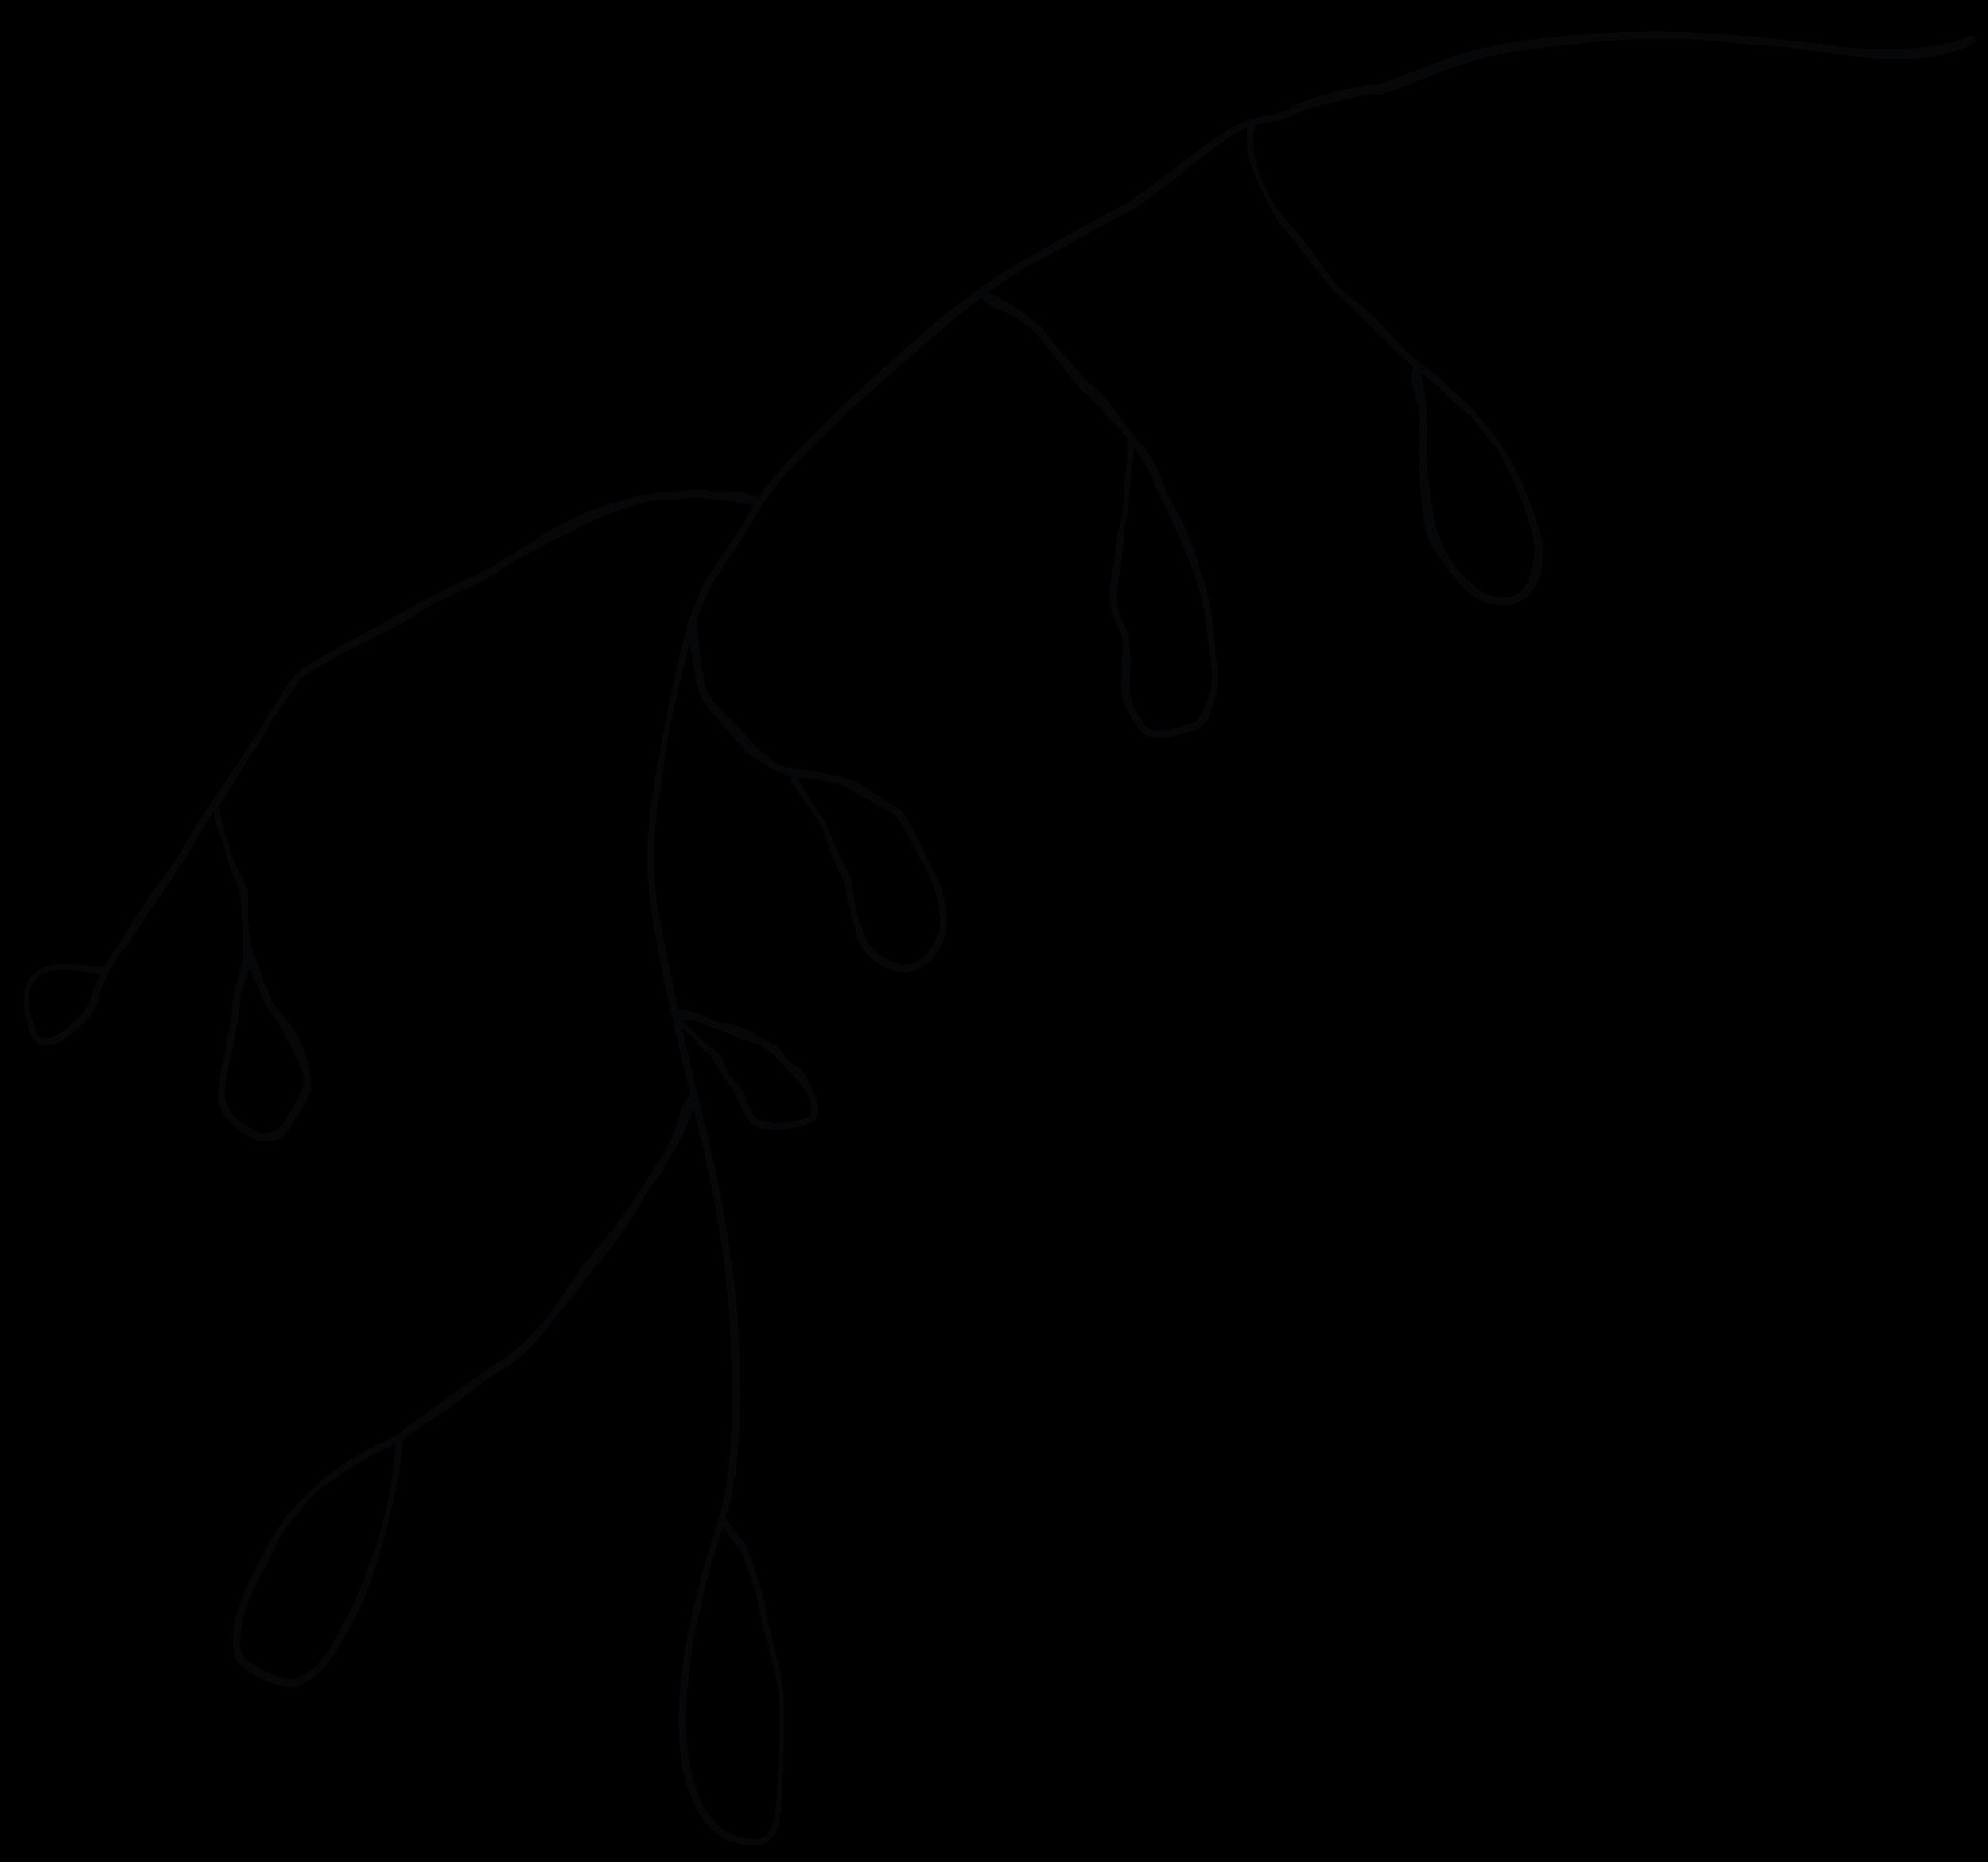 crysalis-plants-02.png